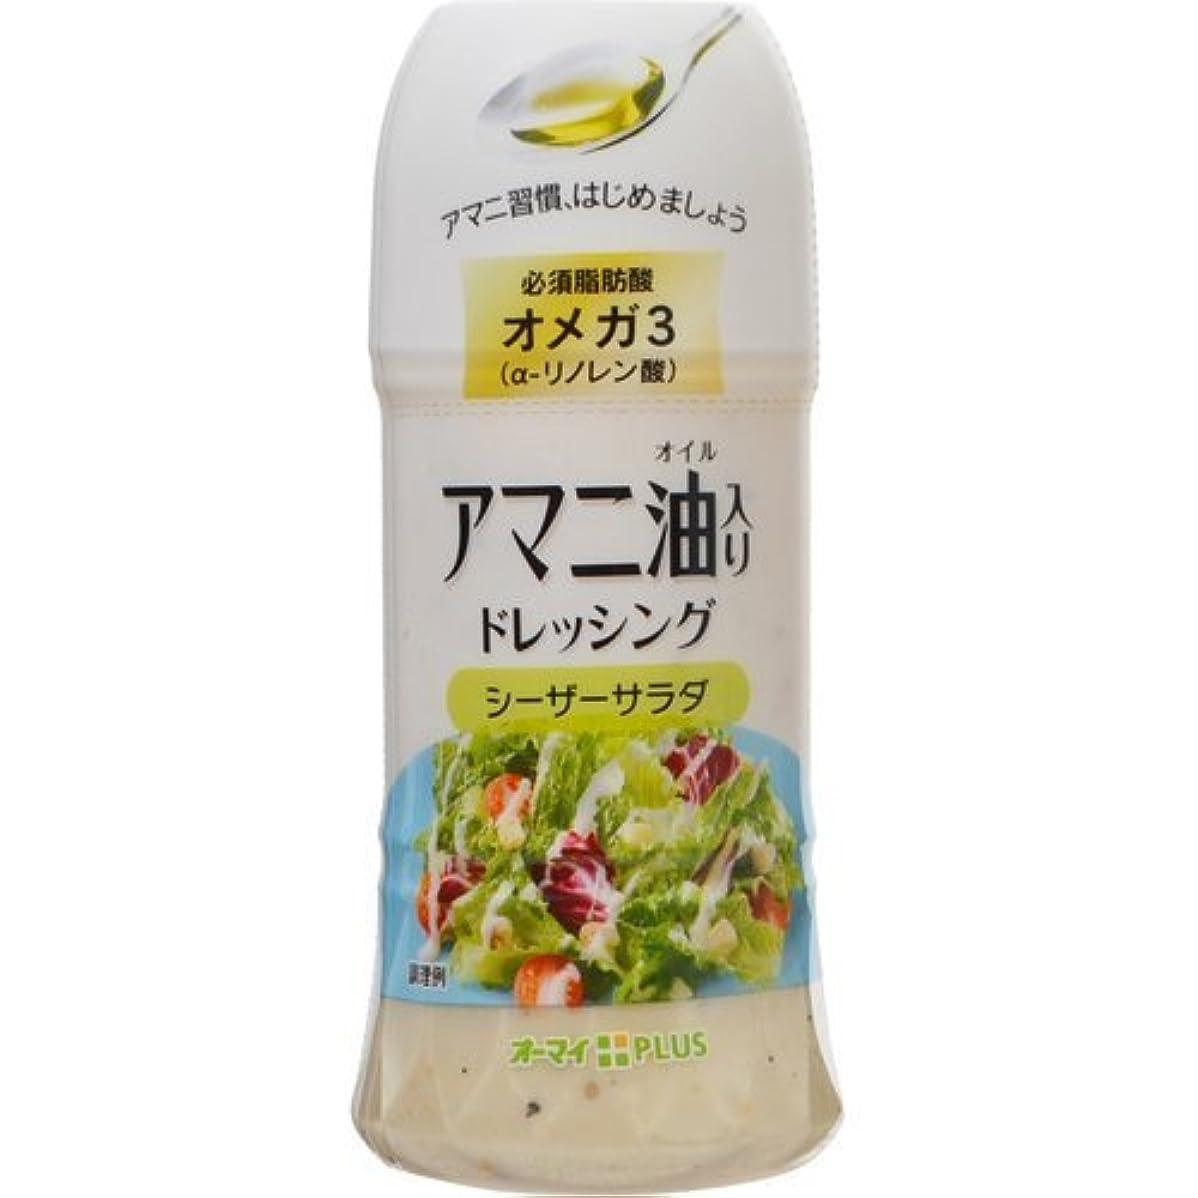 コピー香ばしいシングルアマニ油入り ドレッシング シーザーサラダ【6セット】